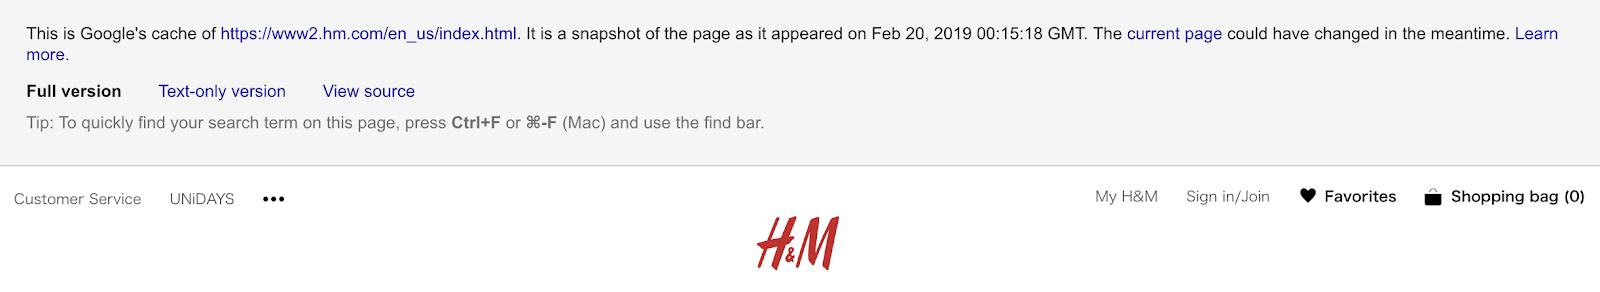 緩存頁面的頂部顯示以下消息: